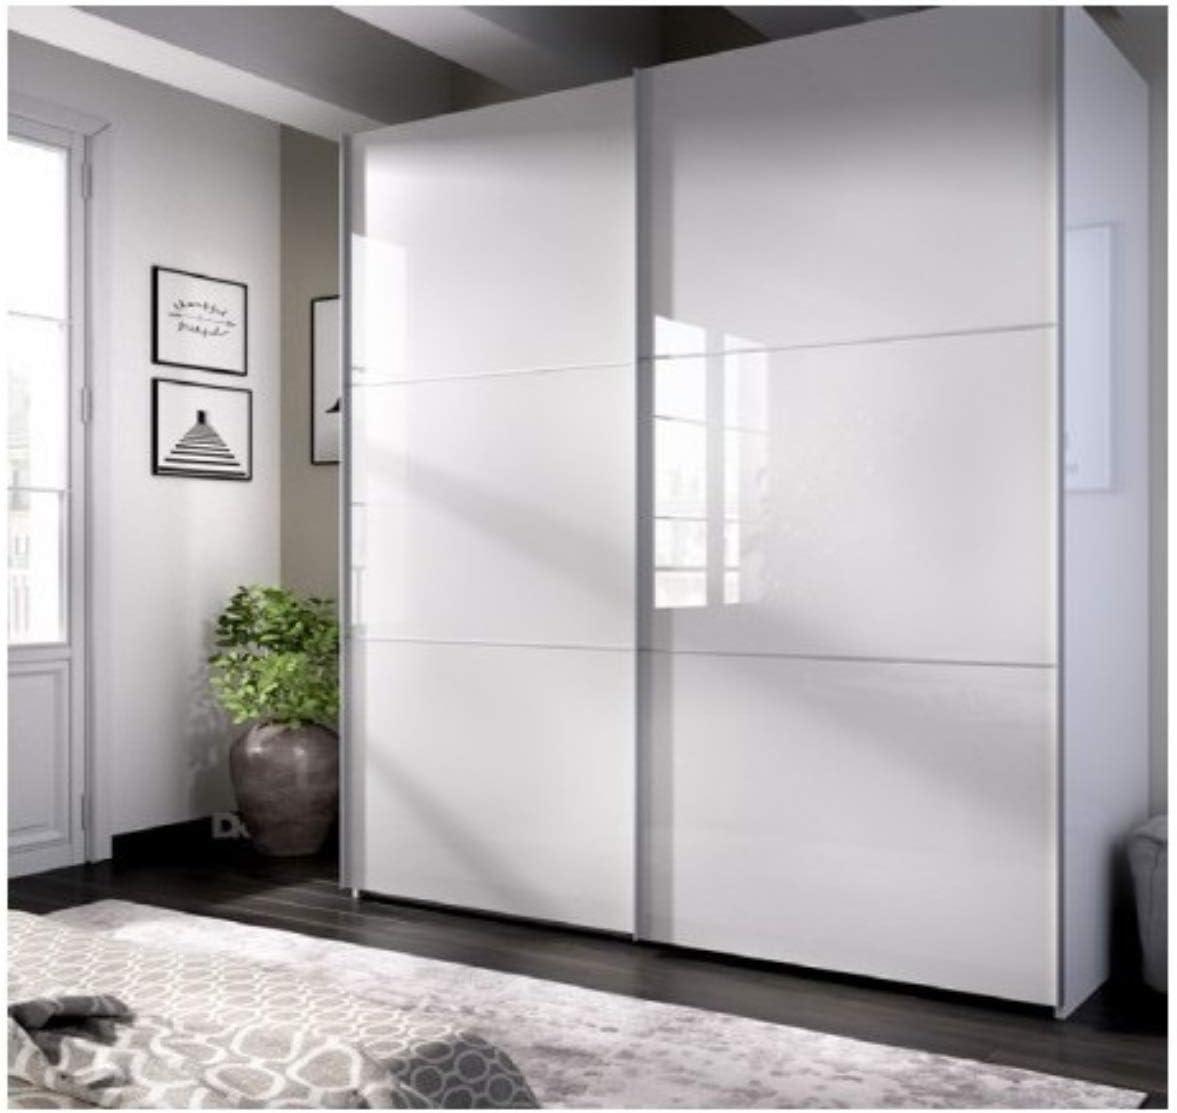 DECOR NATUR-Armario DE Puertas CORREDERAS Modelo Slide Color Blanco Brillo-Medidas:Ancho: 120 cm- Alto: 204 cm Fondo: 50 cm